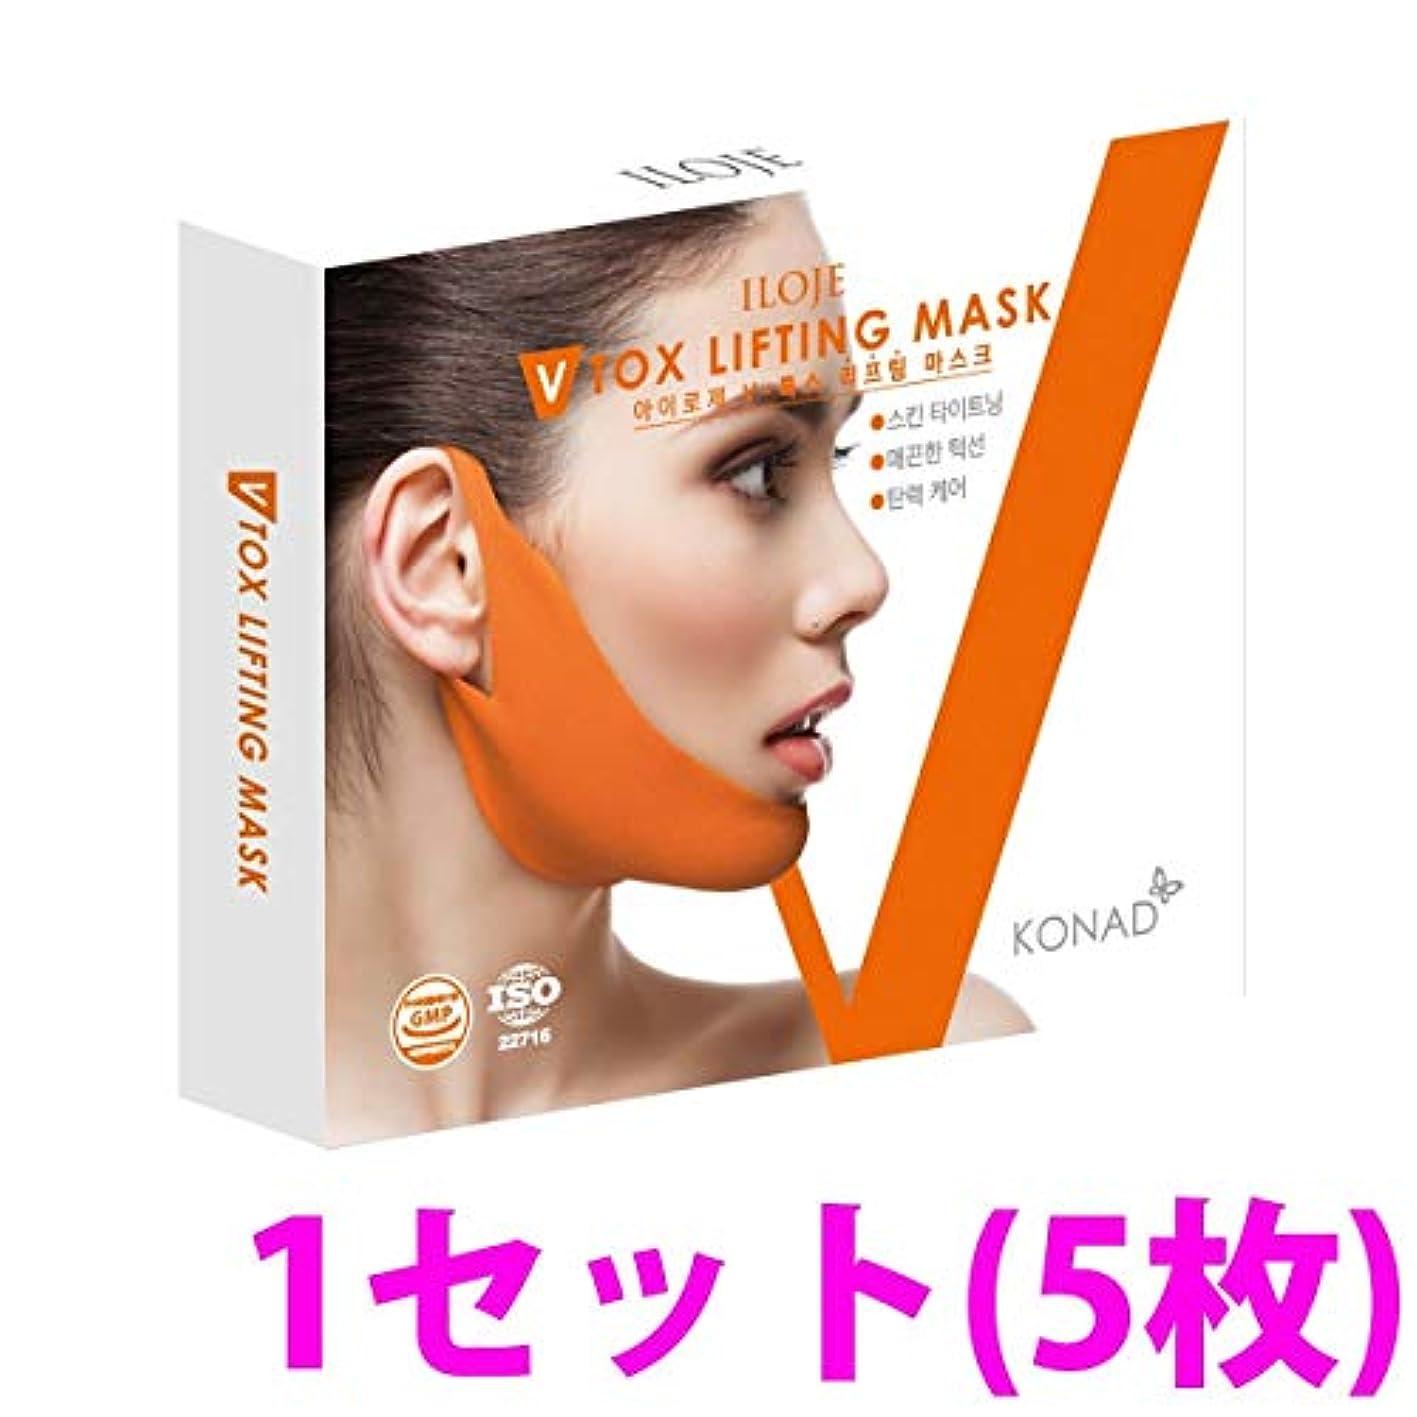 不適当ノイズアンカー女性の年齢は顎の輪郭で決まる!V-TOXリフティングマスクパック 1セット(5枚)